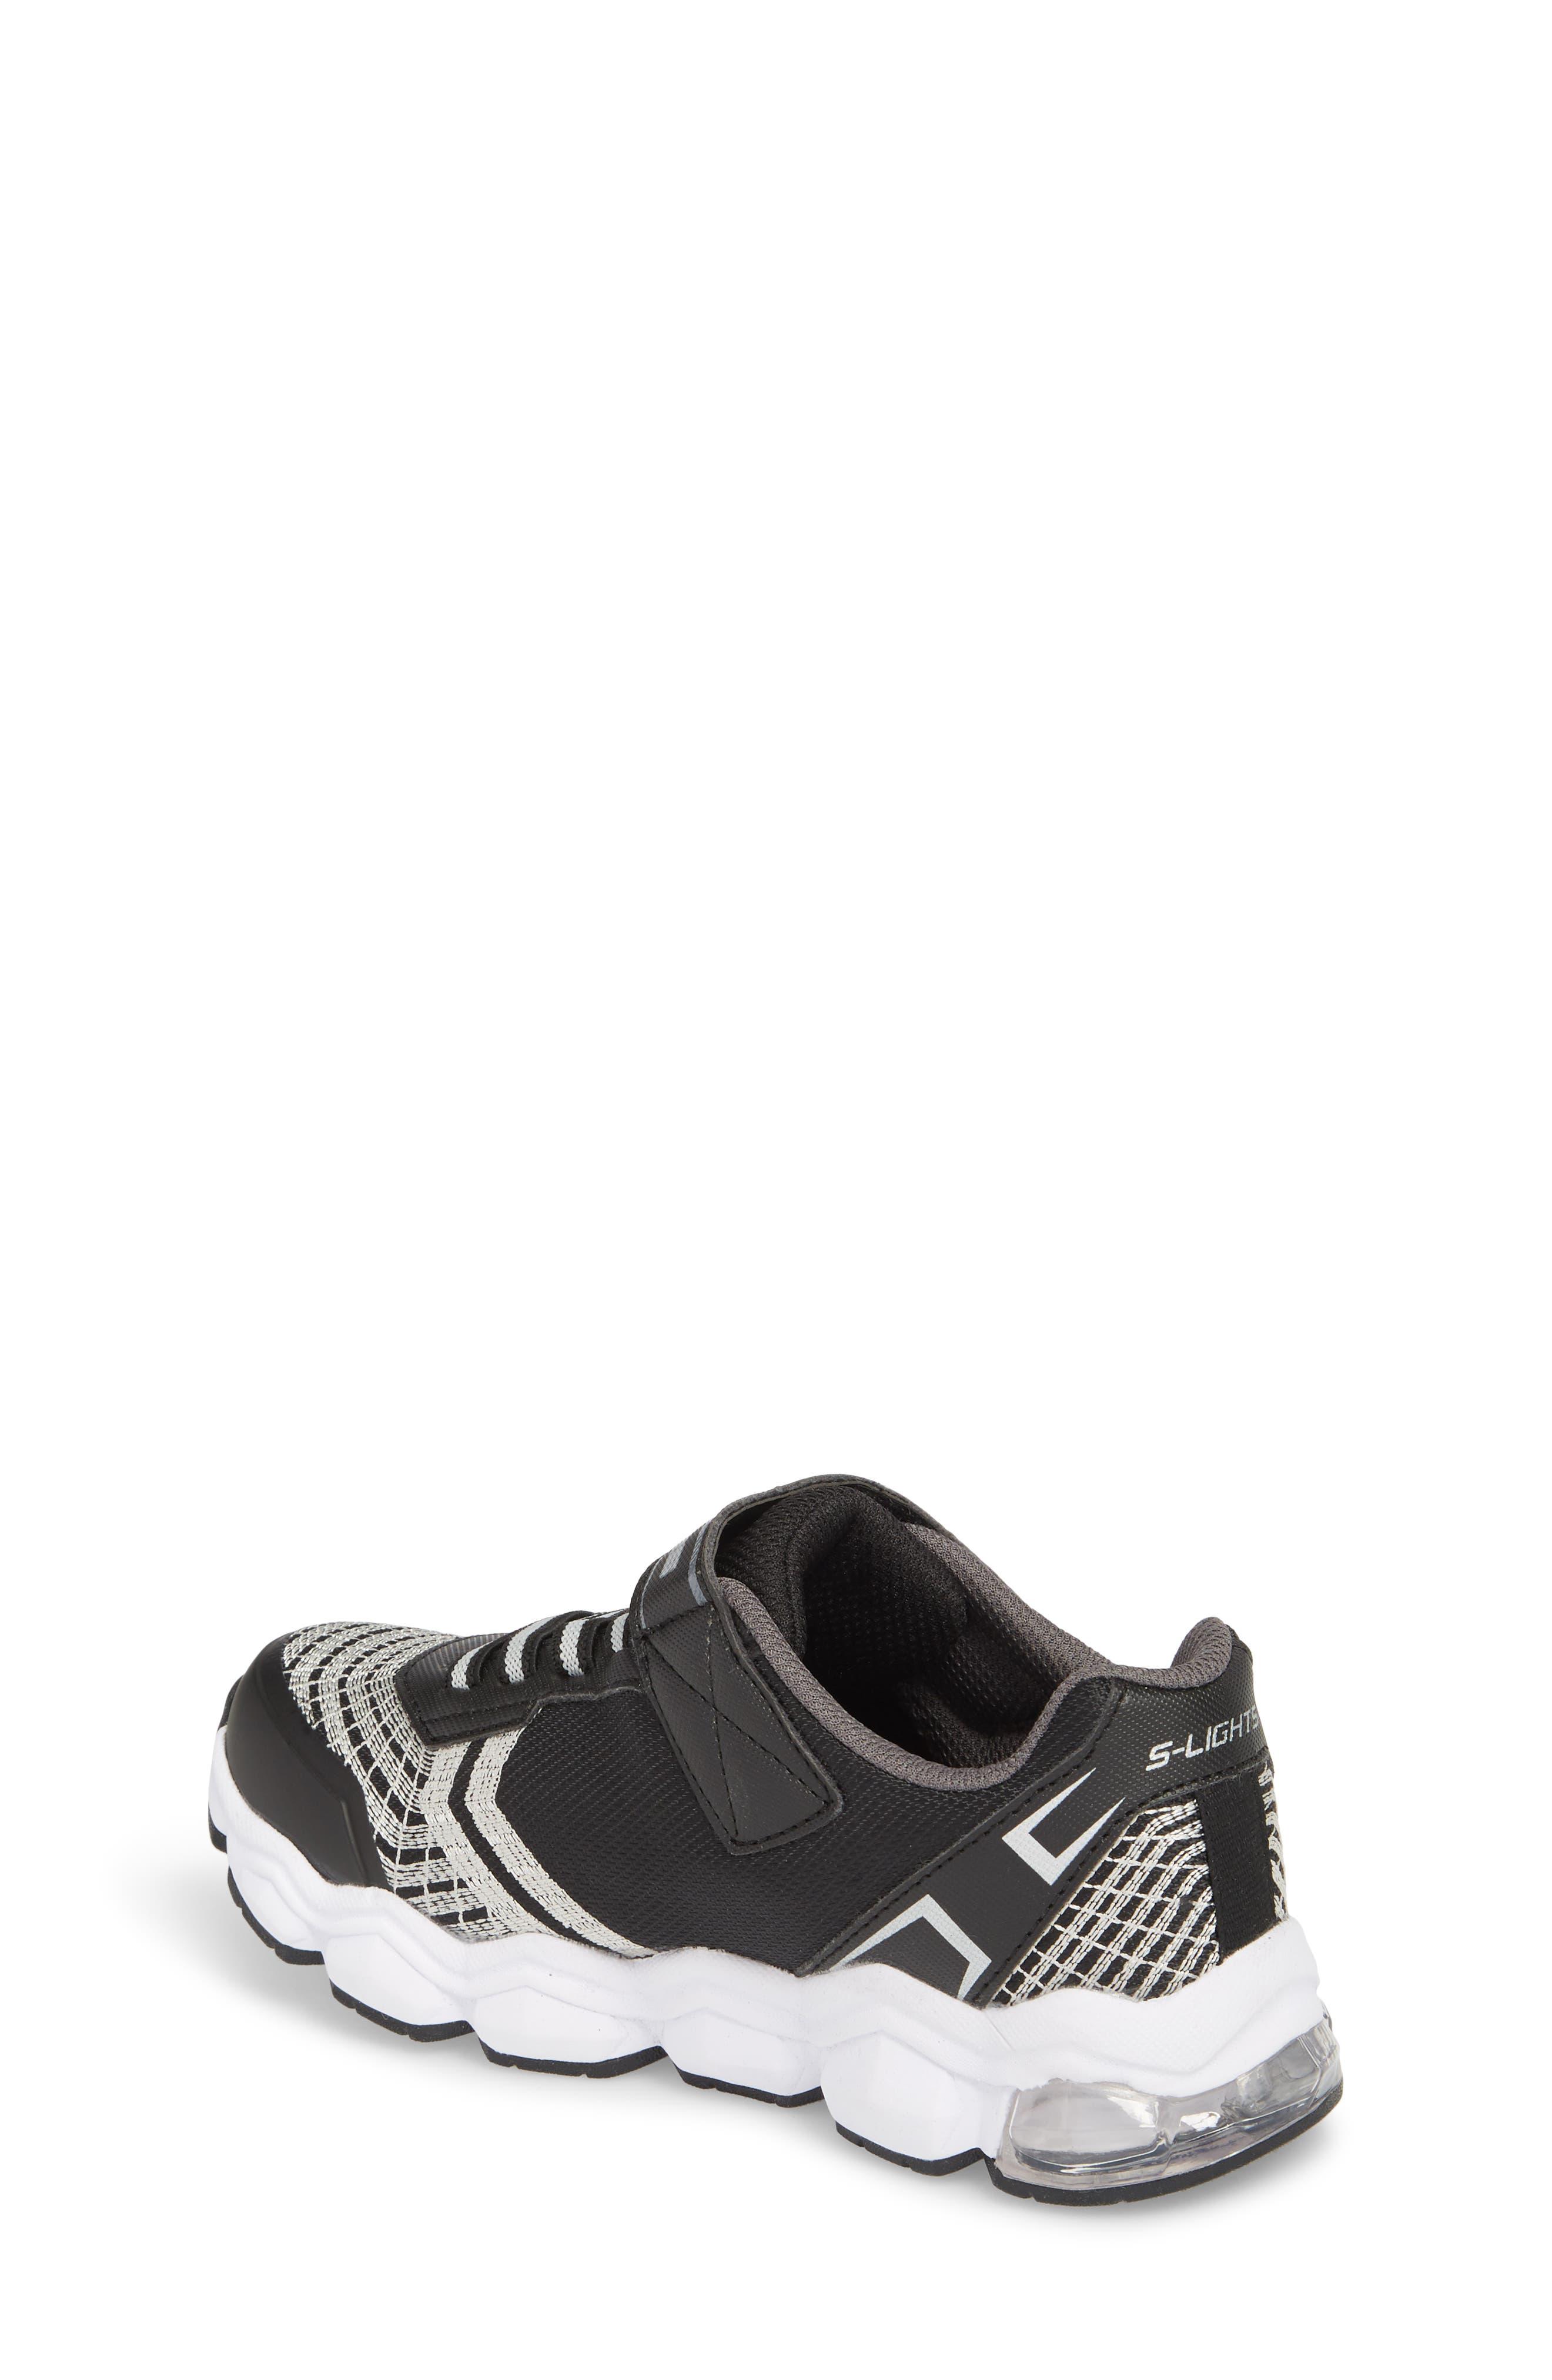 Energy Lights Sneaker,                             Alternate thumbnail 2, color,                             Black/ Silver